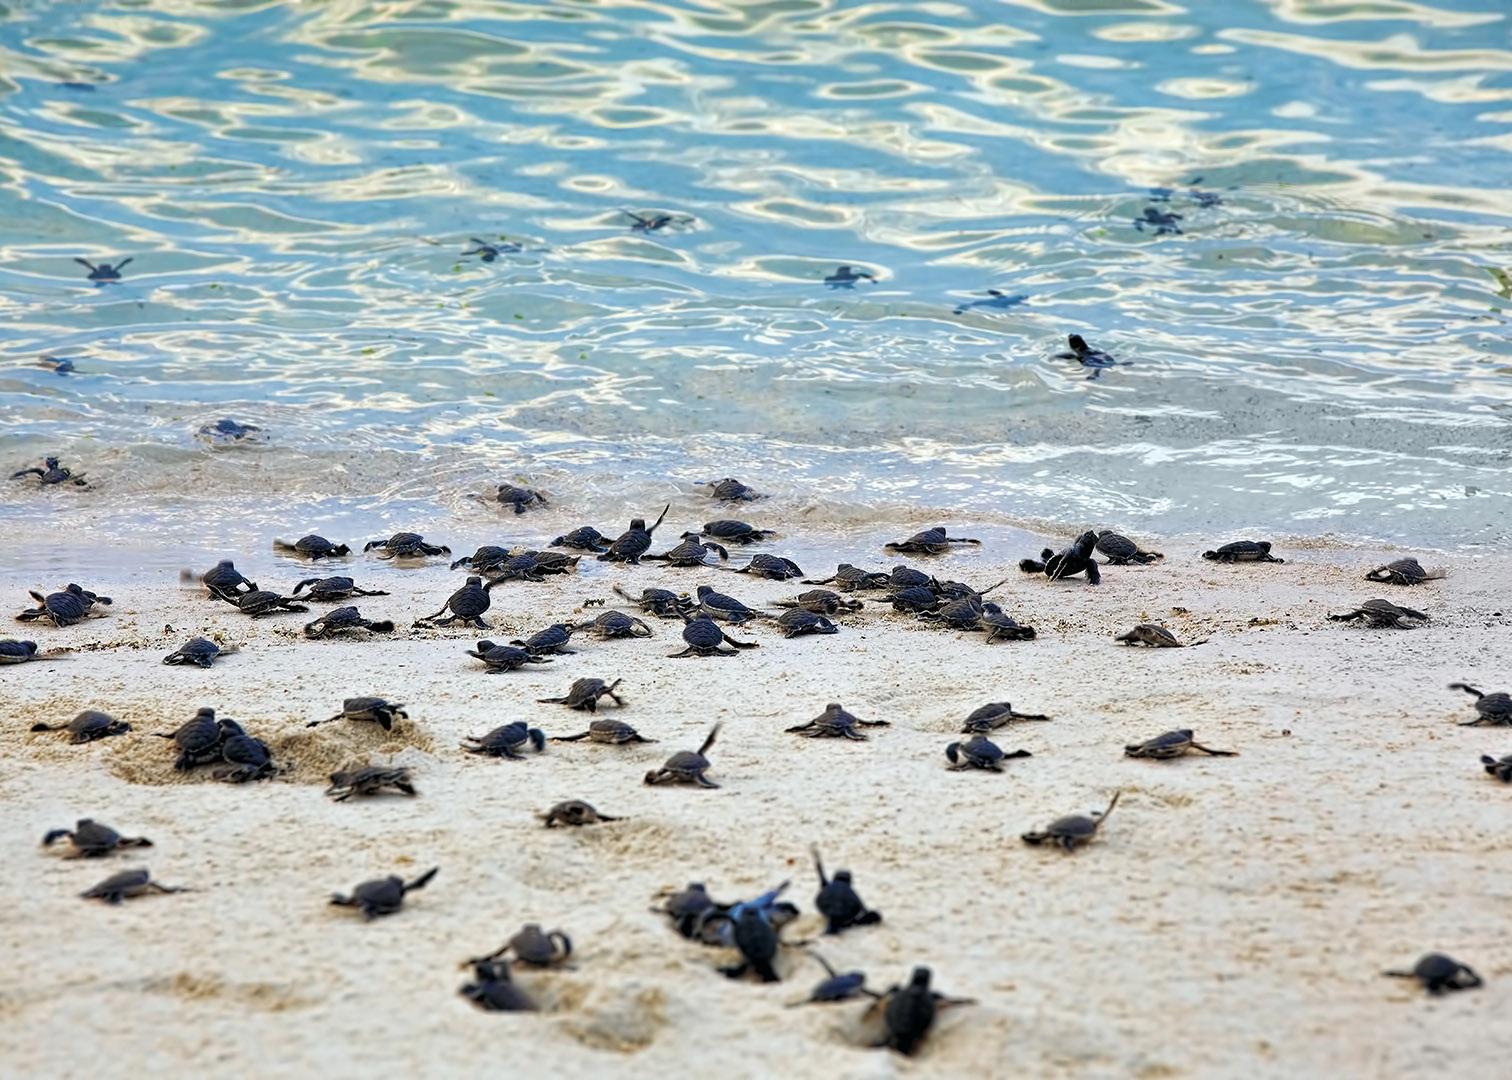 Картинки по запросу Национальный парк Черепаховые острова малайзия